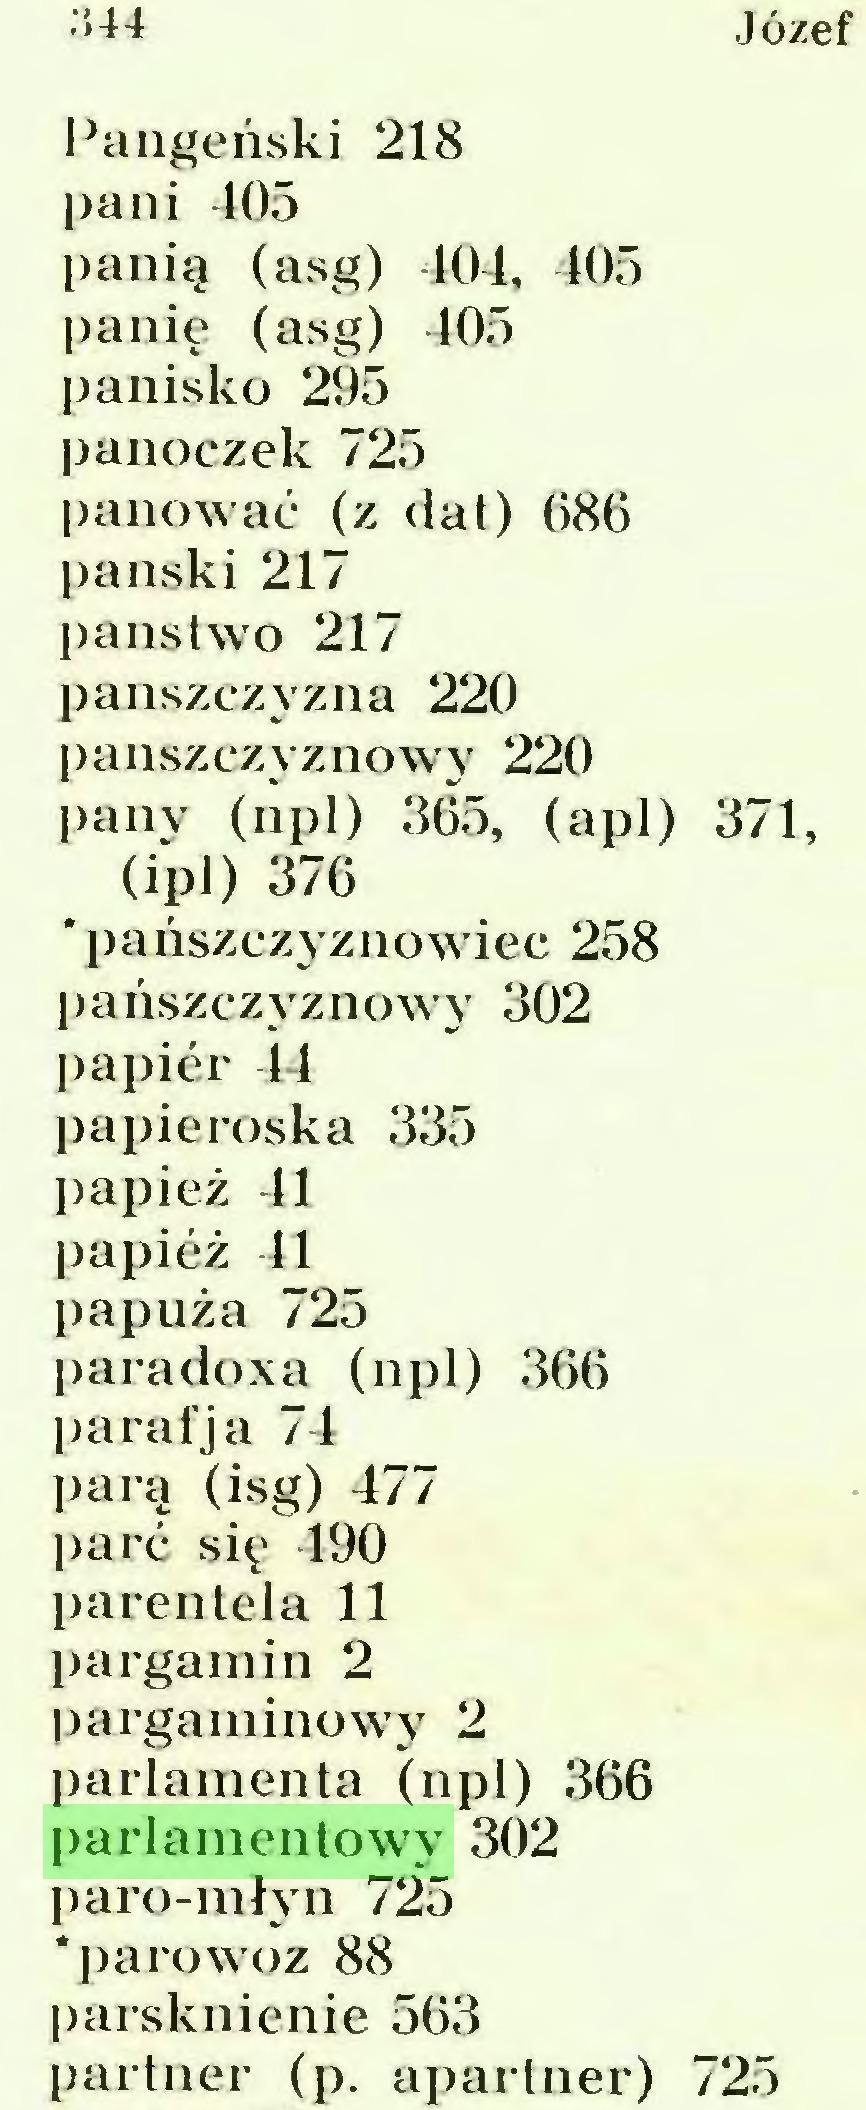 (...) .344 Panieński 218 pani 405 panią (asg) 404, 405 panie (asg) 405 panisko 295 panoczek 725 panować (z dat) 086 pański 217 państwo 217 pańszczyzna 220 panszczyznowy 220 pany (npl) 365, (apl) 371, (ipl) 376 'pańszczyznowiec 258 pańszczyznowy 302 papier 44 papieroska 335 papież 41 papież 41 papuża 725 paradoxa (npl) 366 paraf ja 74 parą (isg) 477 l)arć się 490 parentela 11 pargamin 2 pargaminowy 2 parlamenta (npl) 366 parlamentowy 302 jjaro-młyn 725 'parowoz 88 parsknienie 563 partner (p. apartner) 725...